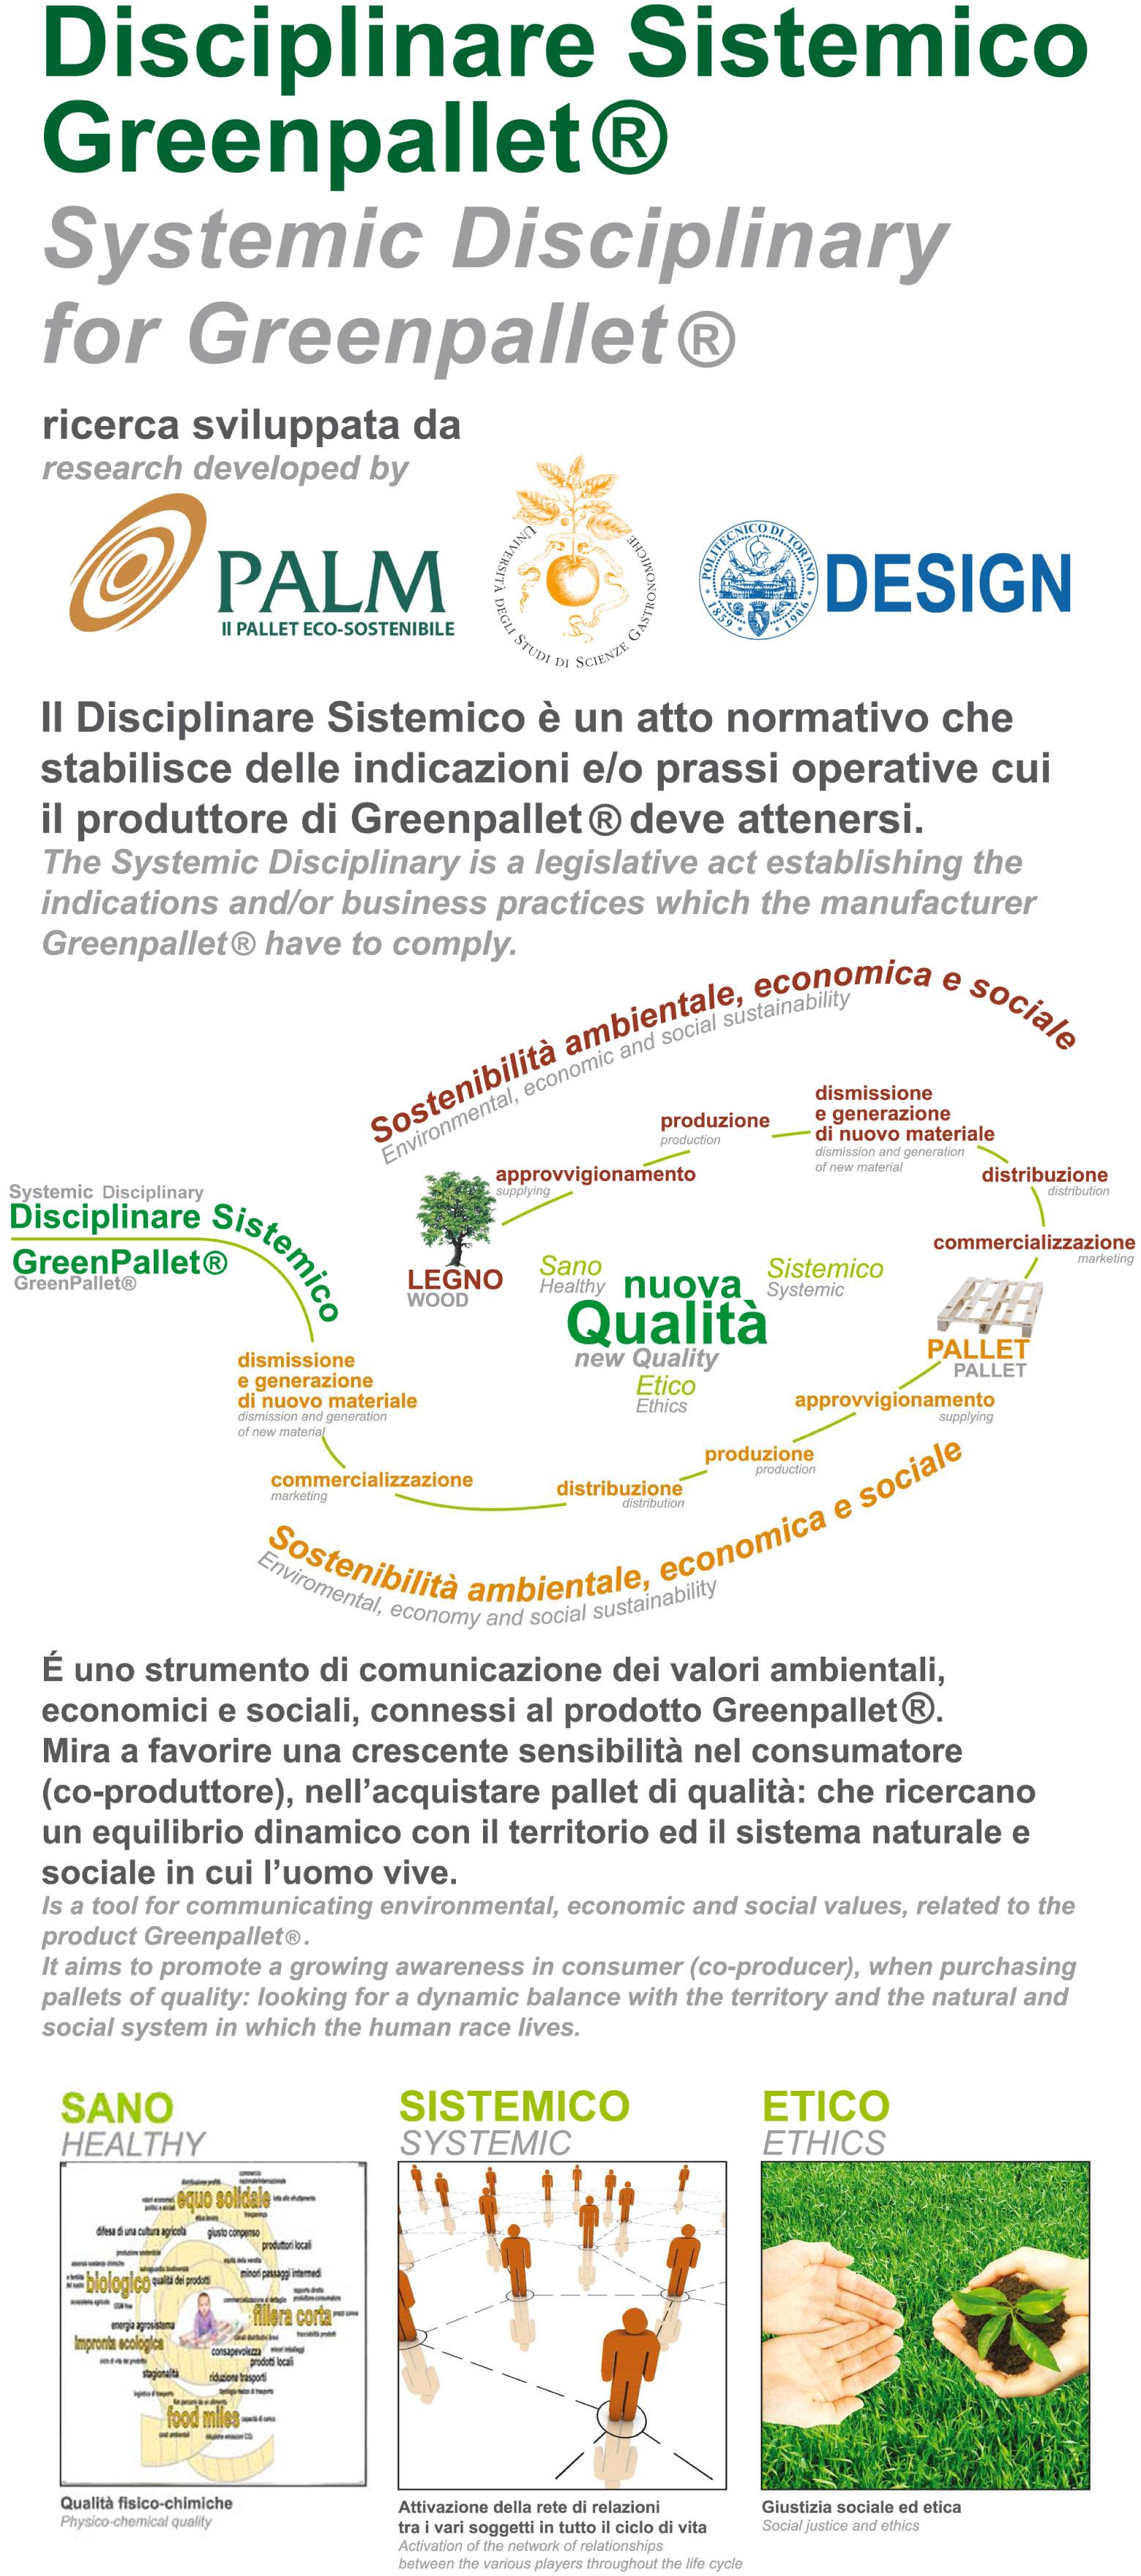 Disciplinare sistemico del Greenpallet - Clicca per ingrandire